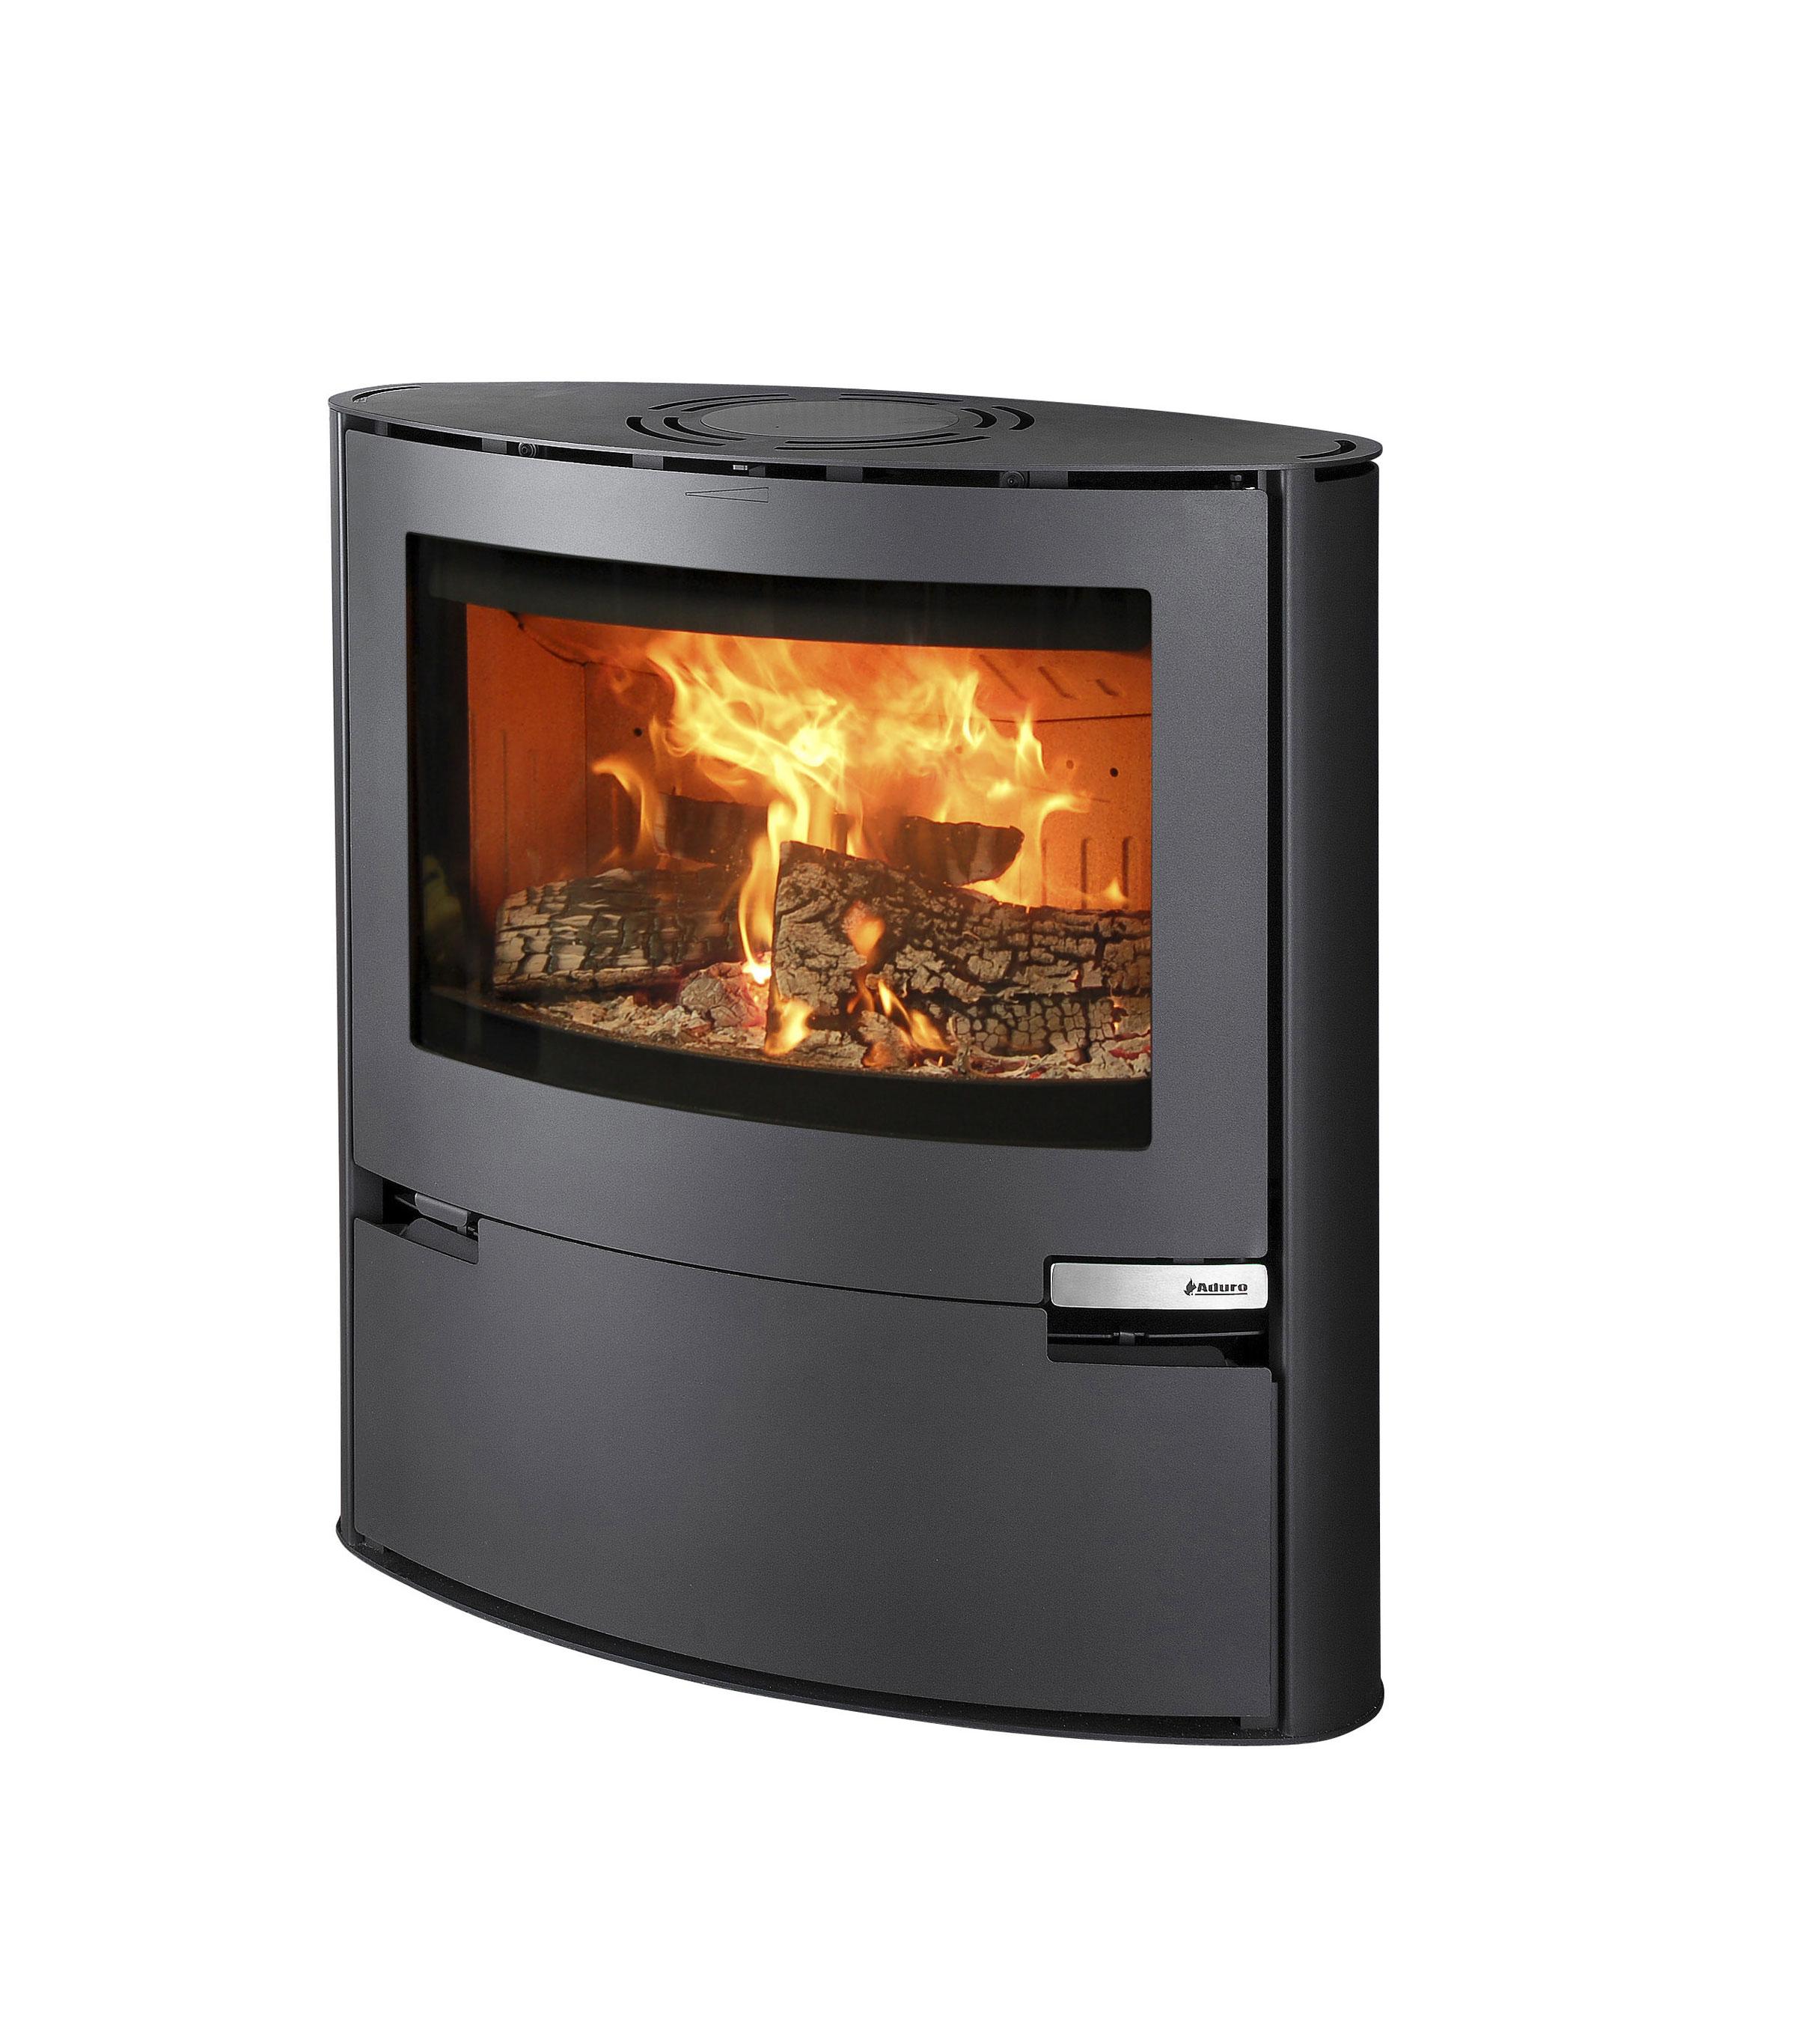 kaminofen aduro 15 schwarz 6 5kw bei. Black Bedroom Furniture Sets. Home Design Ideas